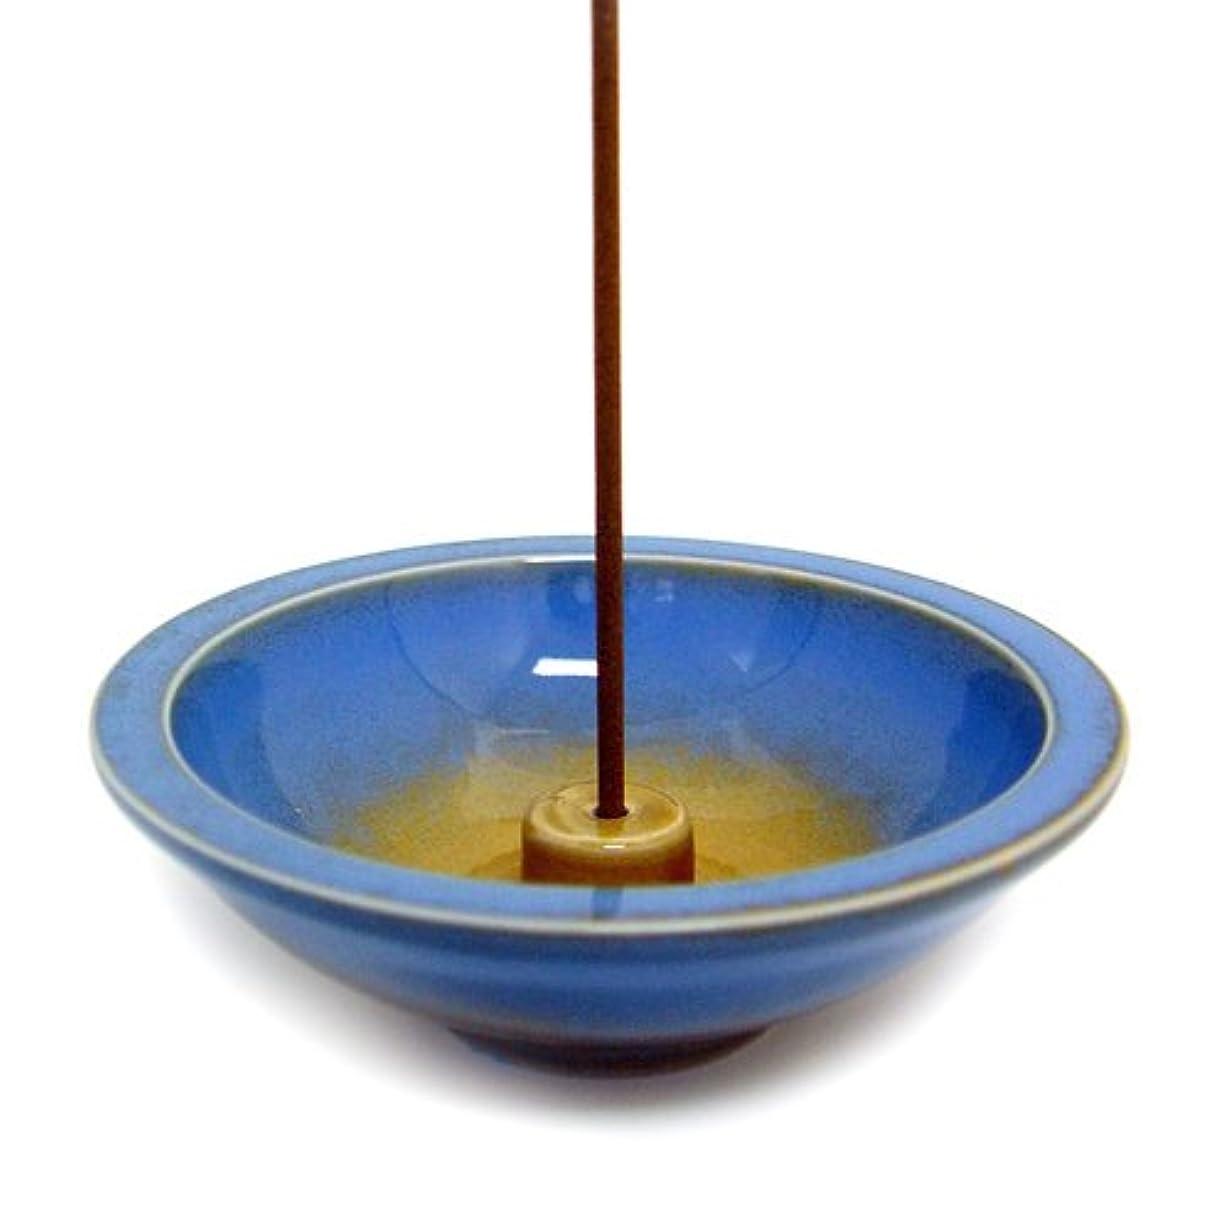 ヒープ測る荒涼としたShoyeido's Azure Round Ceramic Incense Holder by SHOYEIDO